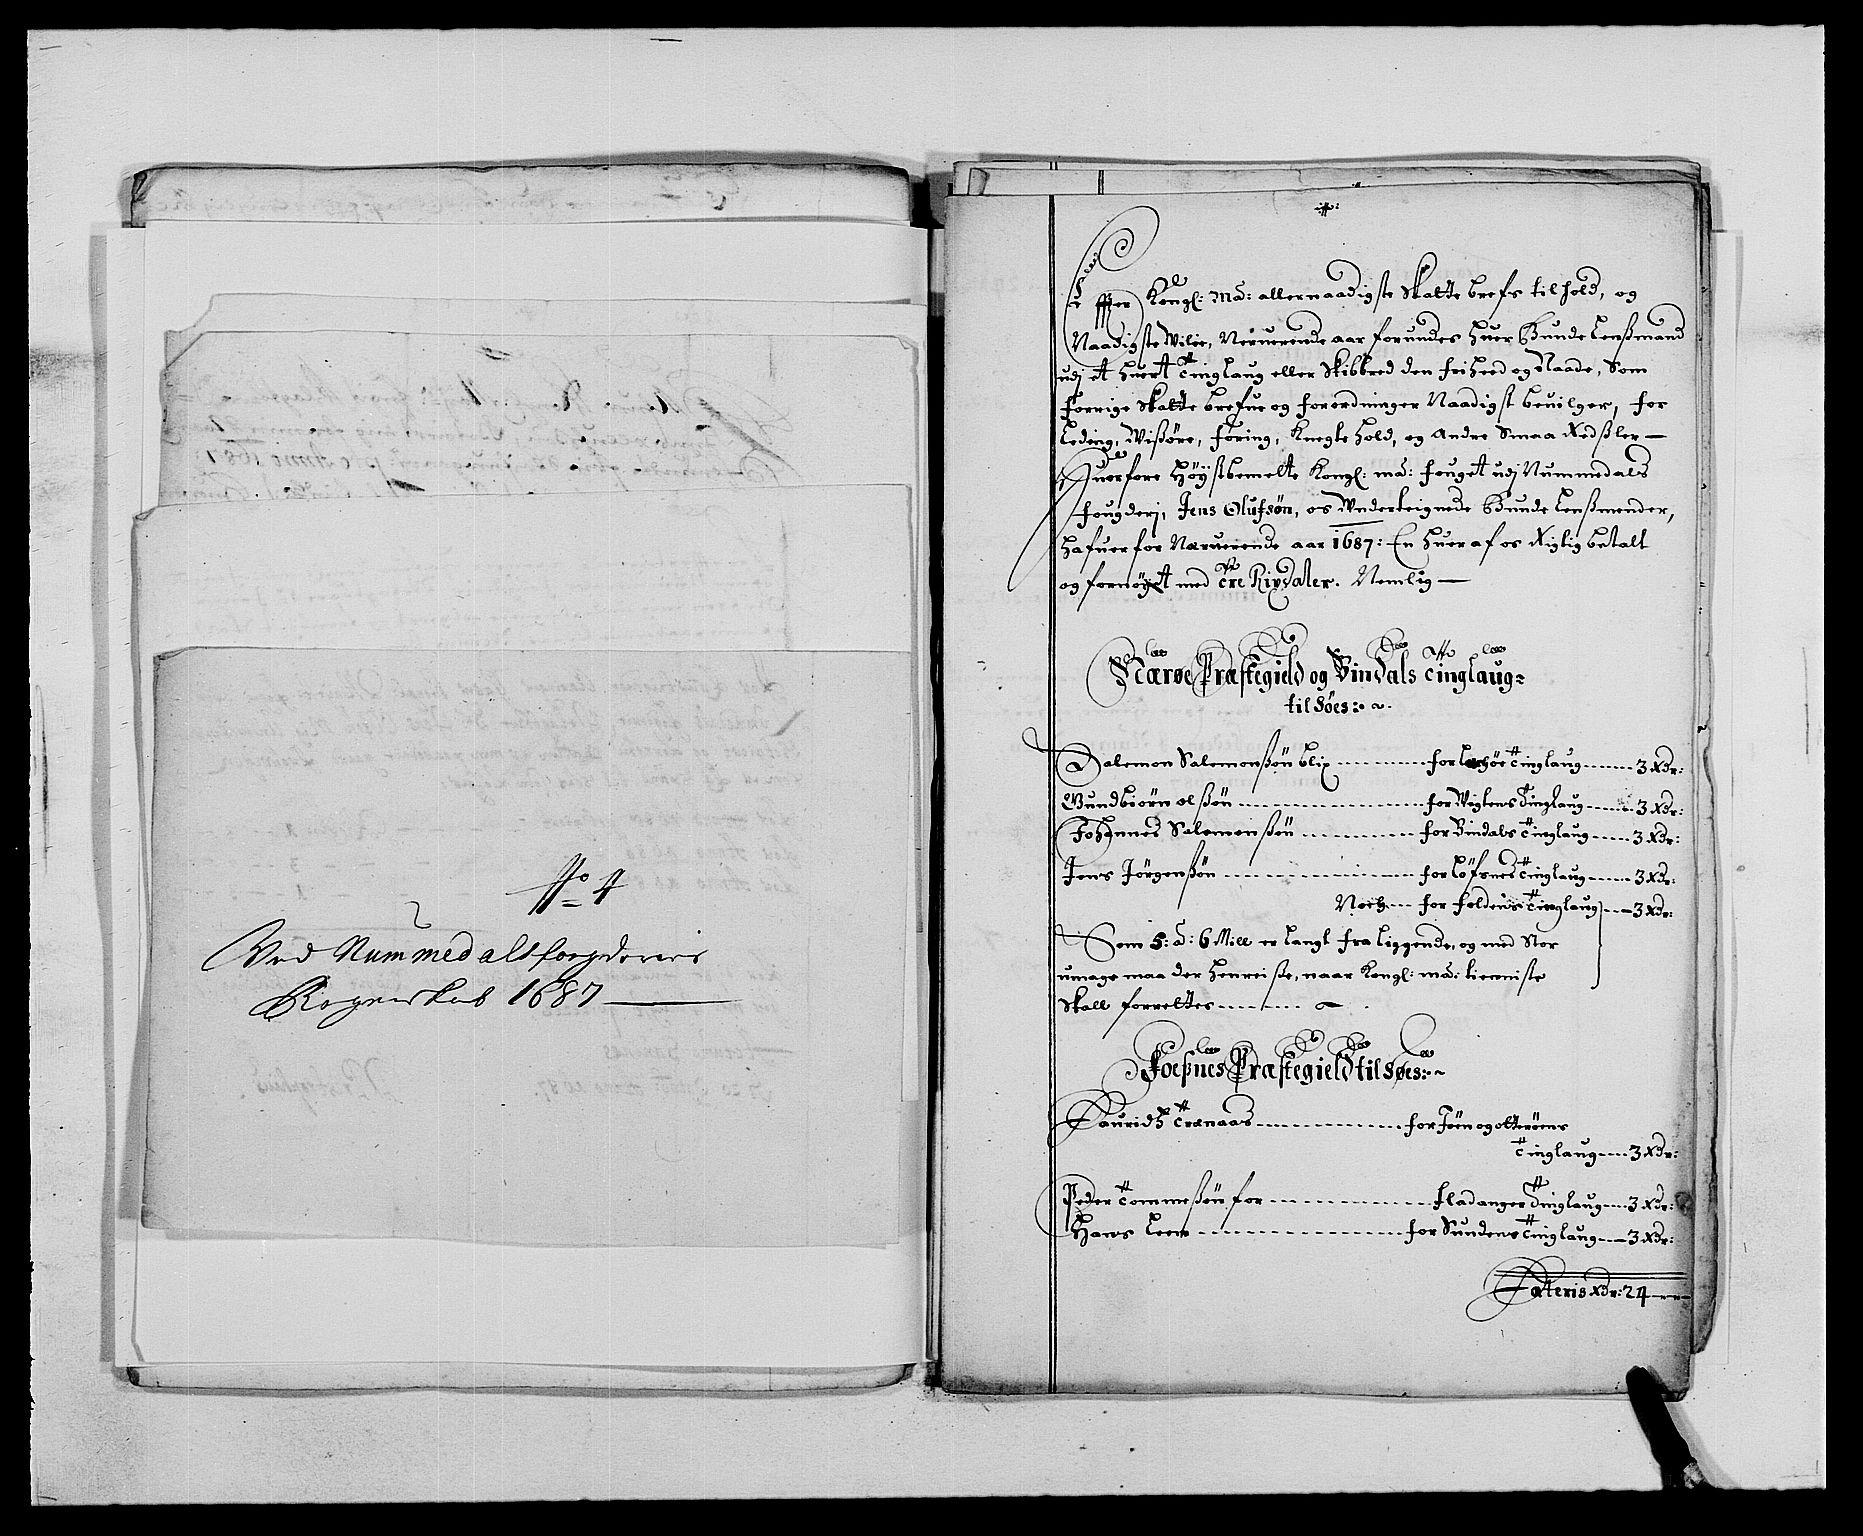 RA, Rentekammeret inntil 1814, Reviderte regnskaper, Fogderegnskap, R64/L4422: Fogderegnskap Namdal, 1687-1689, s. 80